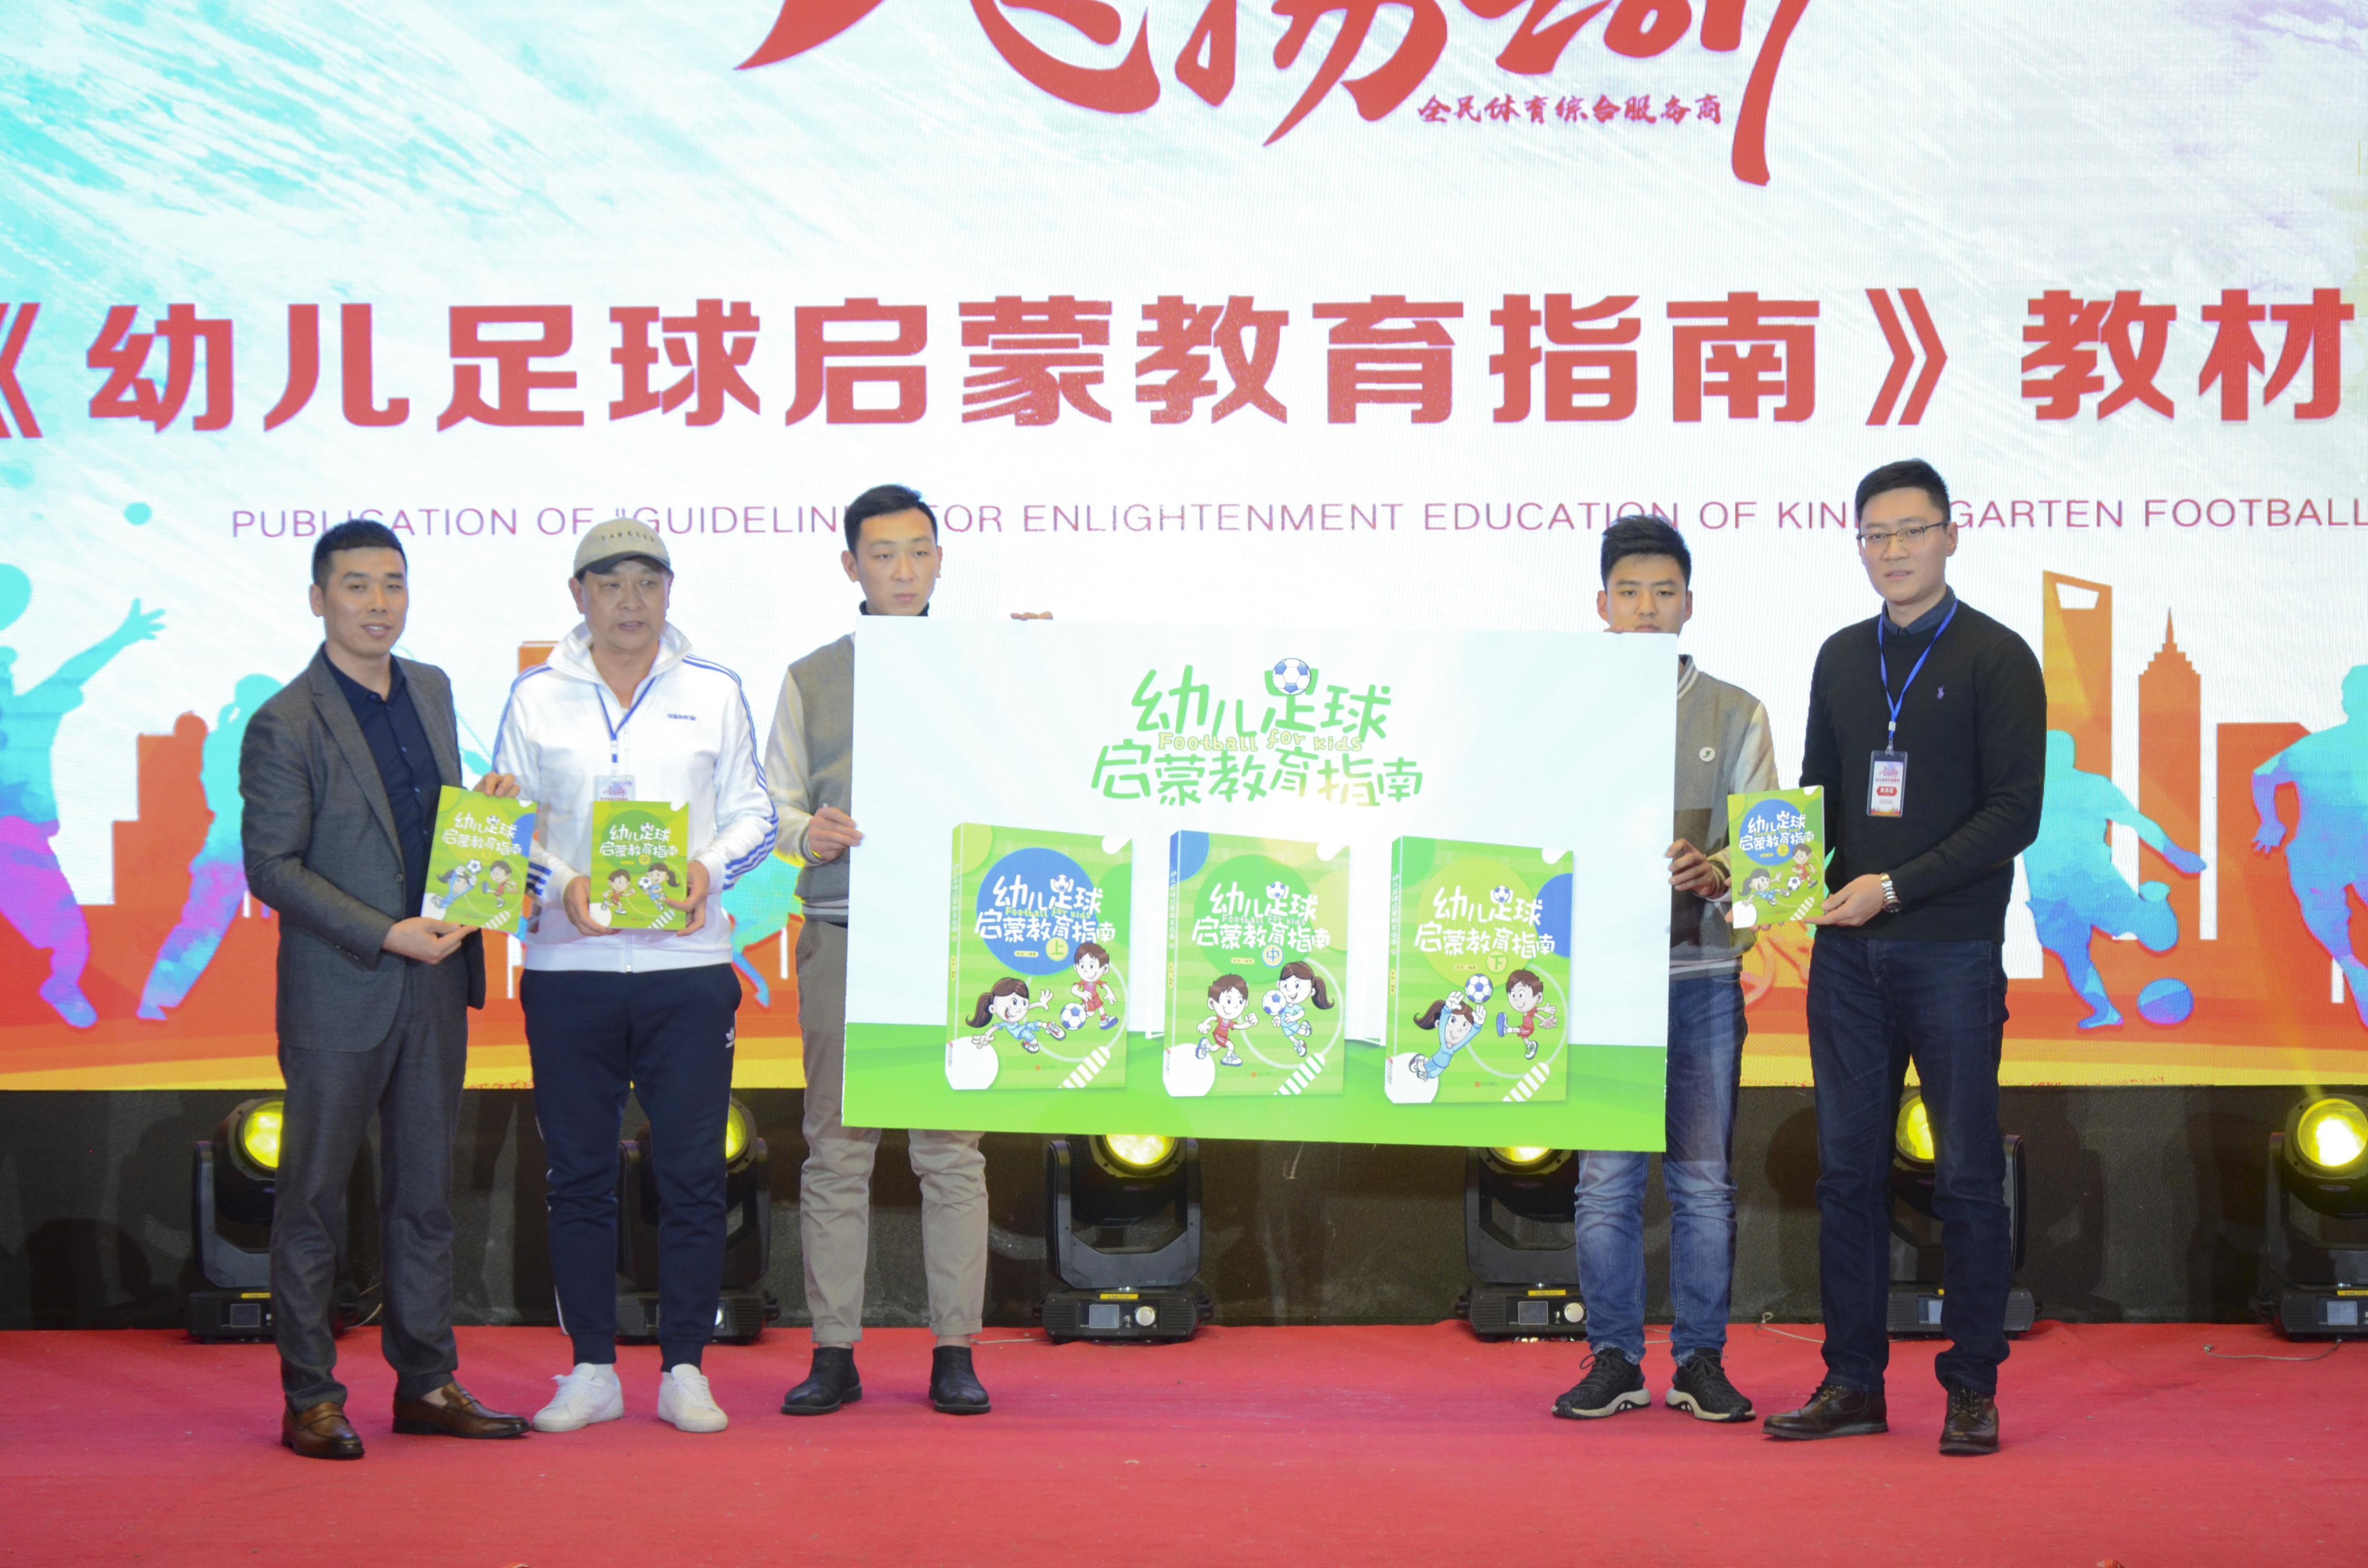 《幼儿足球启蒙教育指南》在潍坊发布,预计2月份正式出版发行